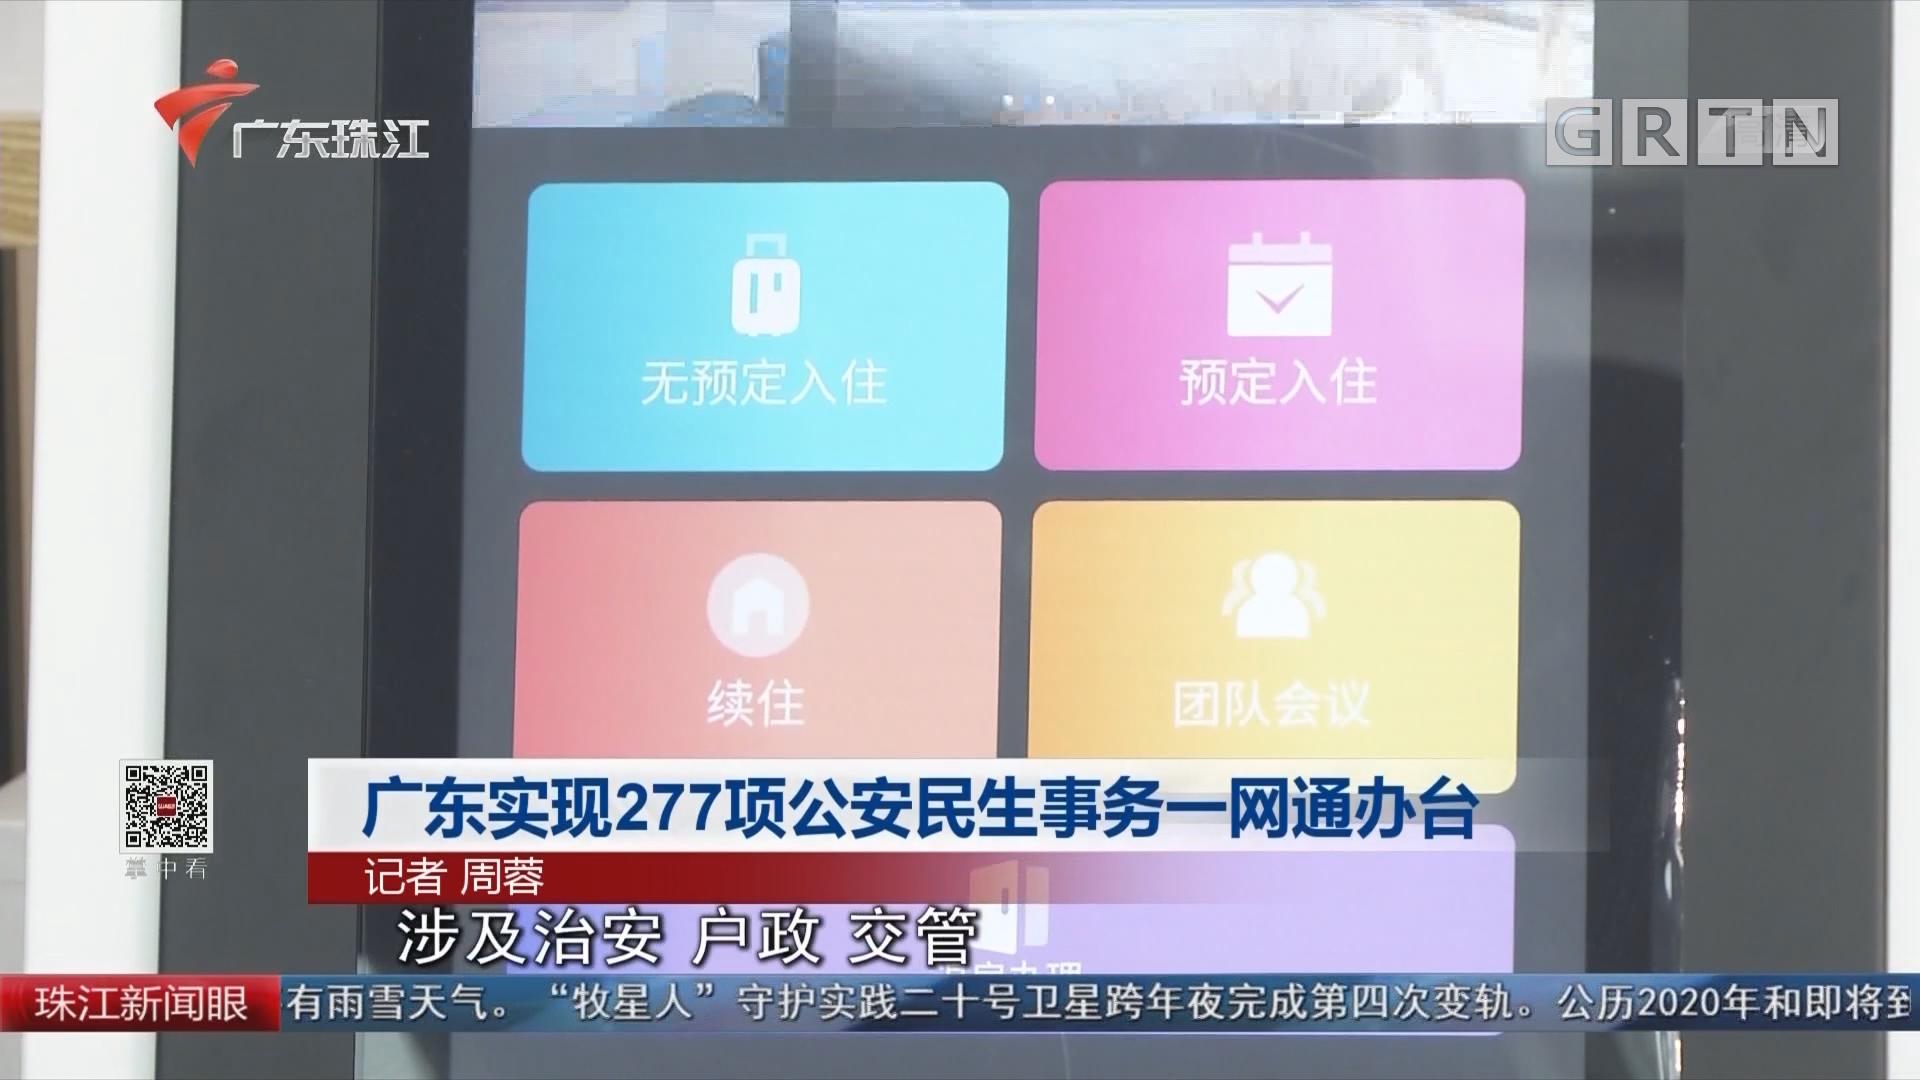 广东实现277项公安民生事务一网通办台